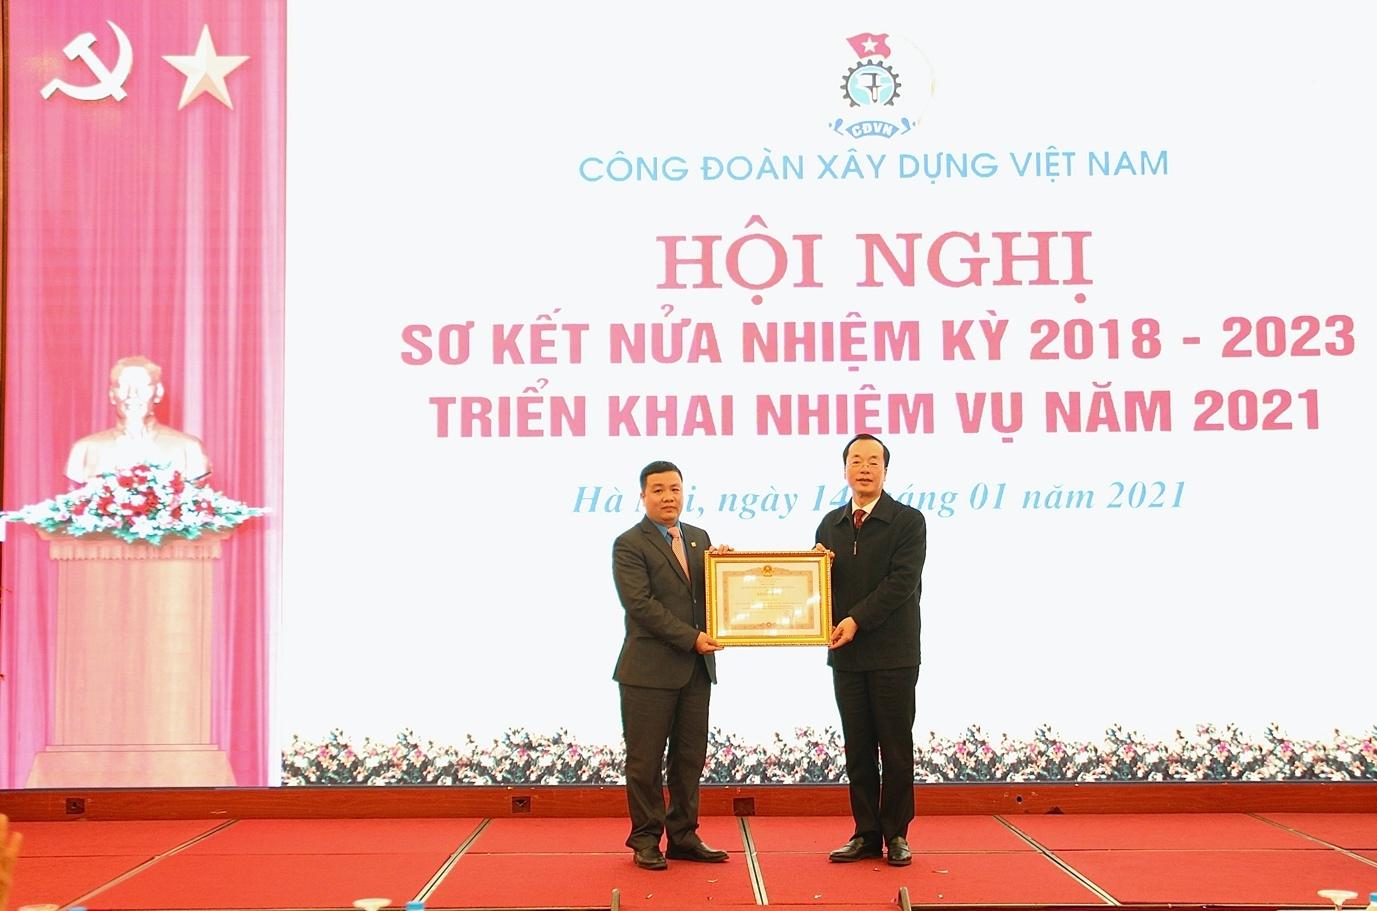 Công đoàn Xây dựng Việt Nam sơ kết hoạt động Công đoàn nửa nhiệm kỳ 2018 - 2023